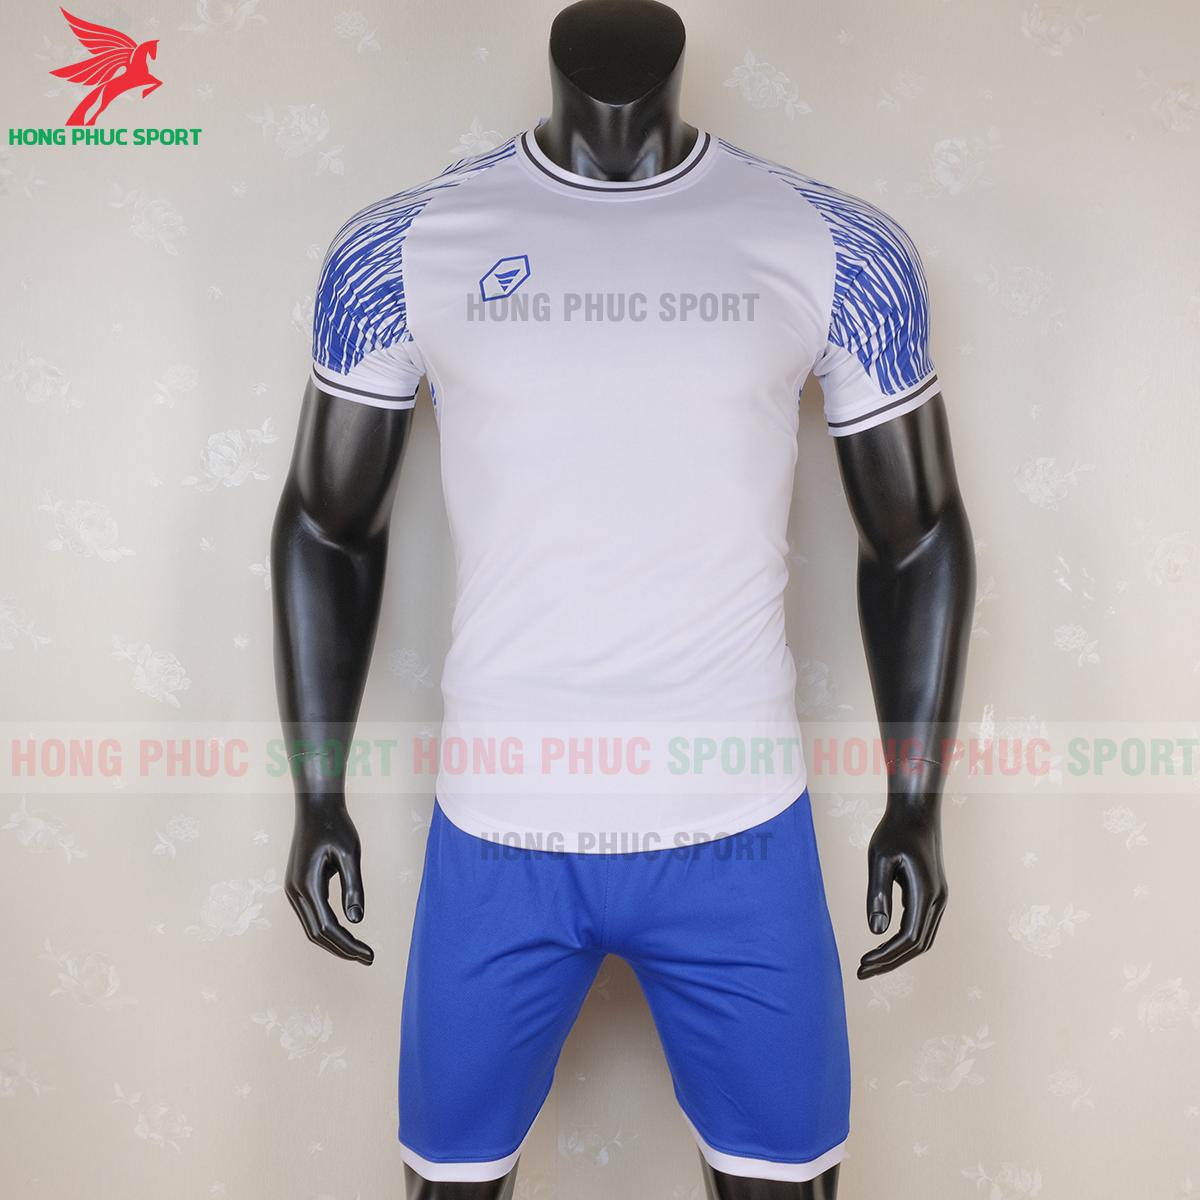 https://cdn.hongphucsport.com/unsafe/s4.shopbay.vn/files/285/ao-bong-da-khong-logo-ta-a06-mau-6-8-5f7292c58dbfd.png